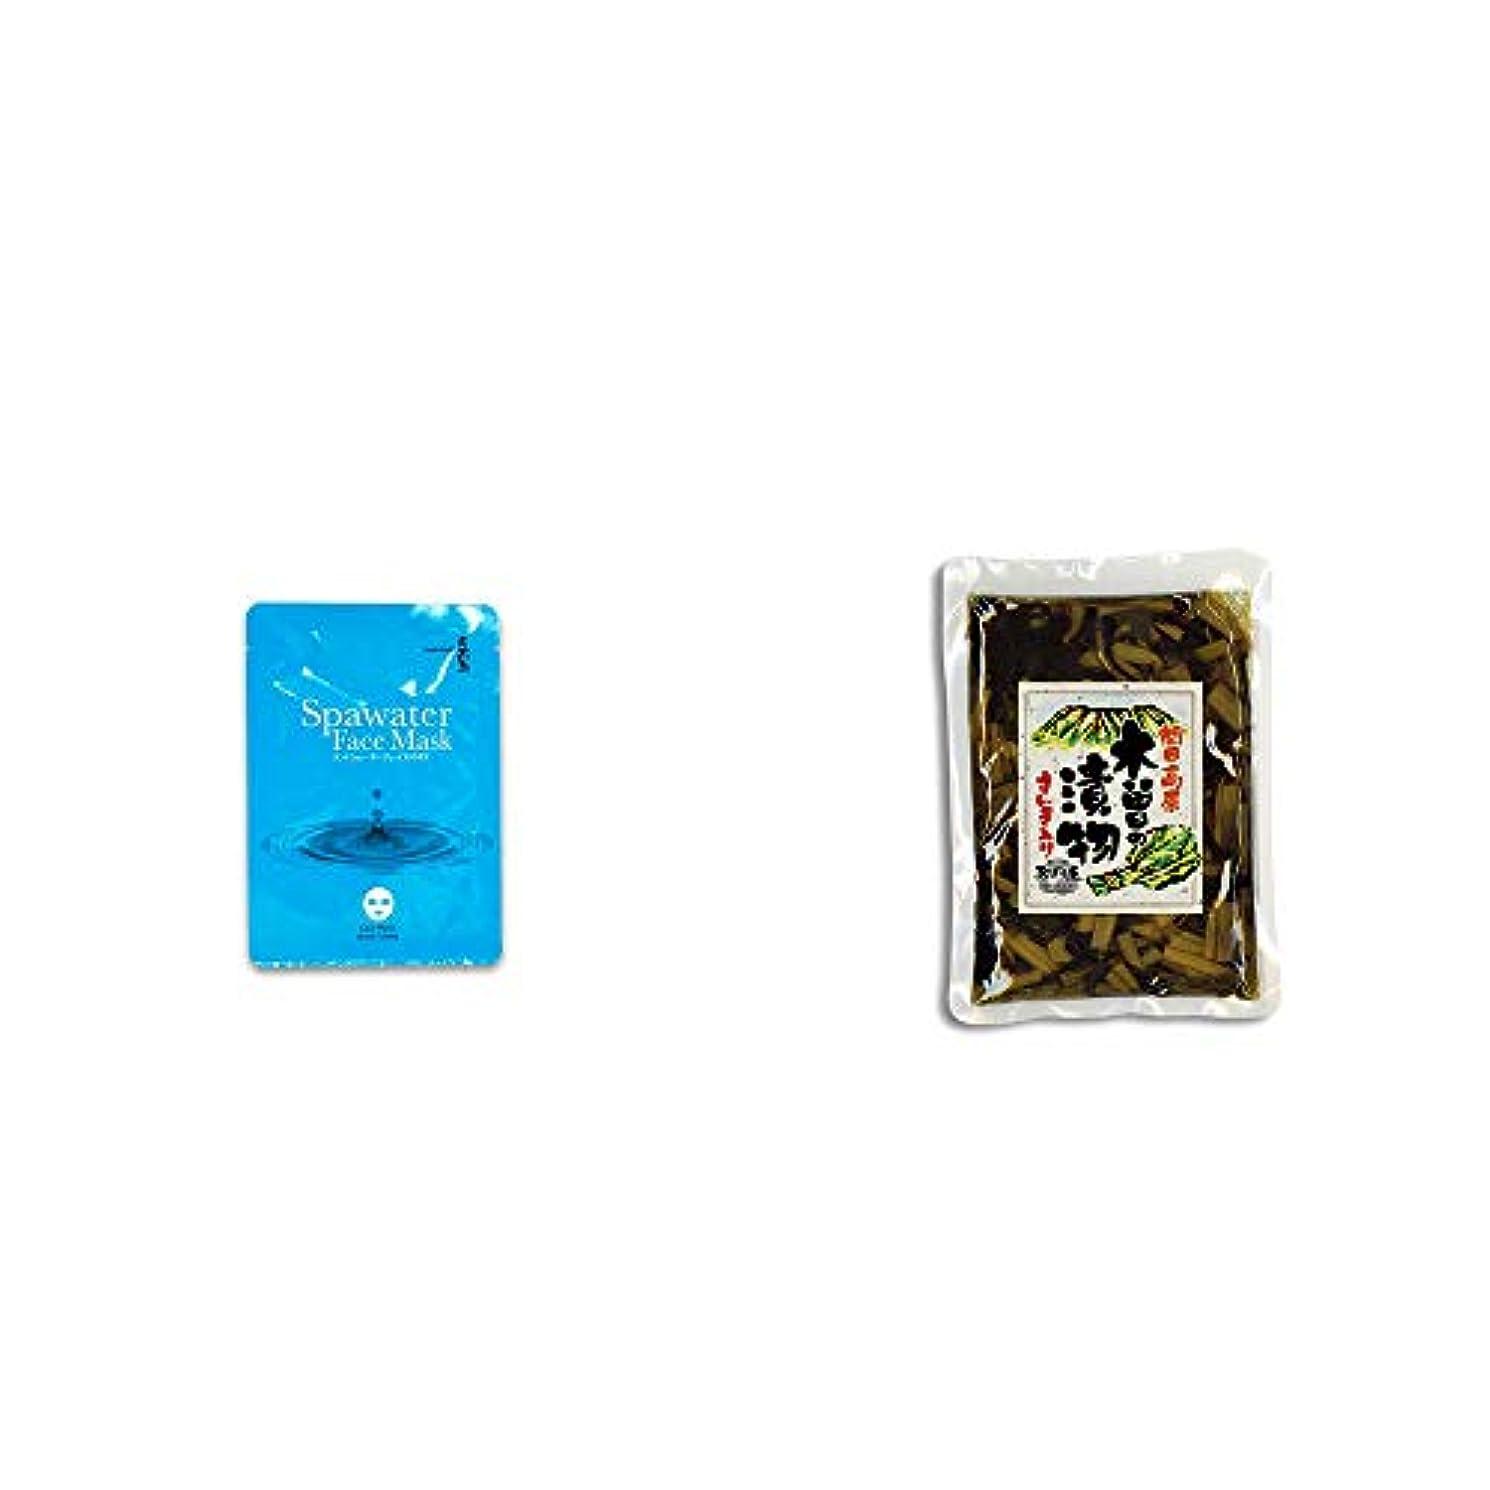 ダイエット瀬戸際女将[2点セット] ひのき炭黒泉 スパウォーターフェイスマスク(18ml×3枚入)?【年中販売】木曽の漬物 すんき入り(200g) / すんき漬け味付加工品 //